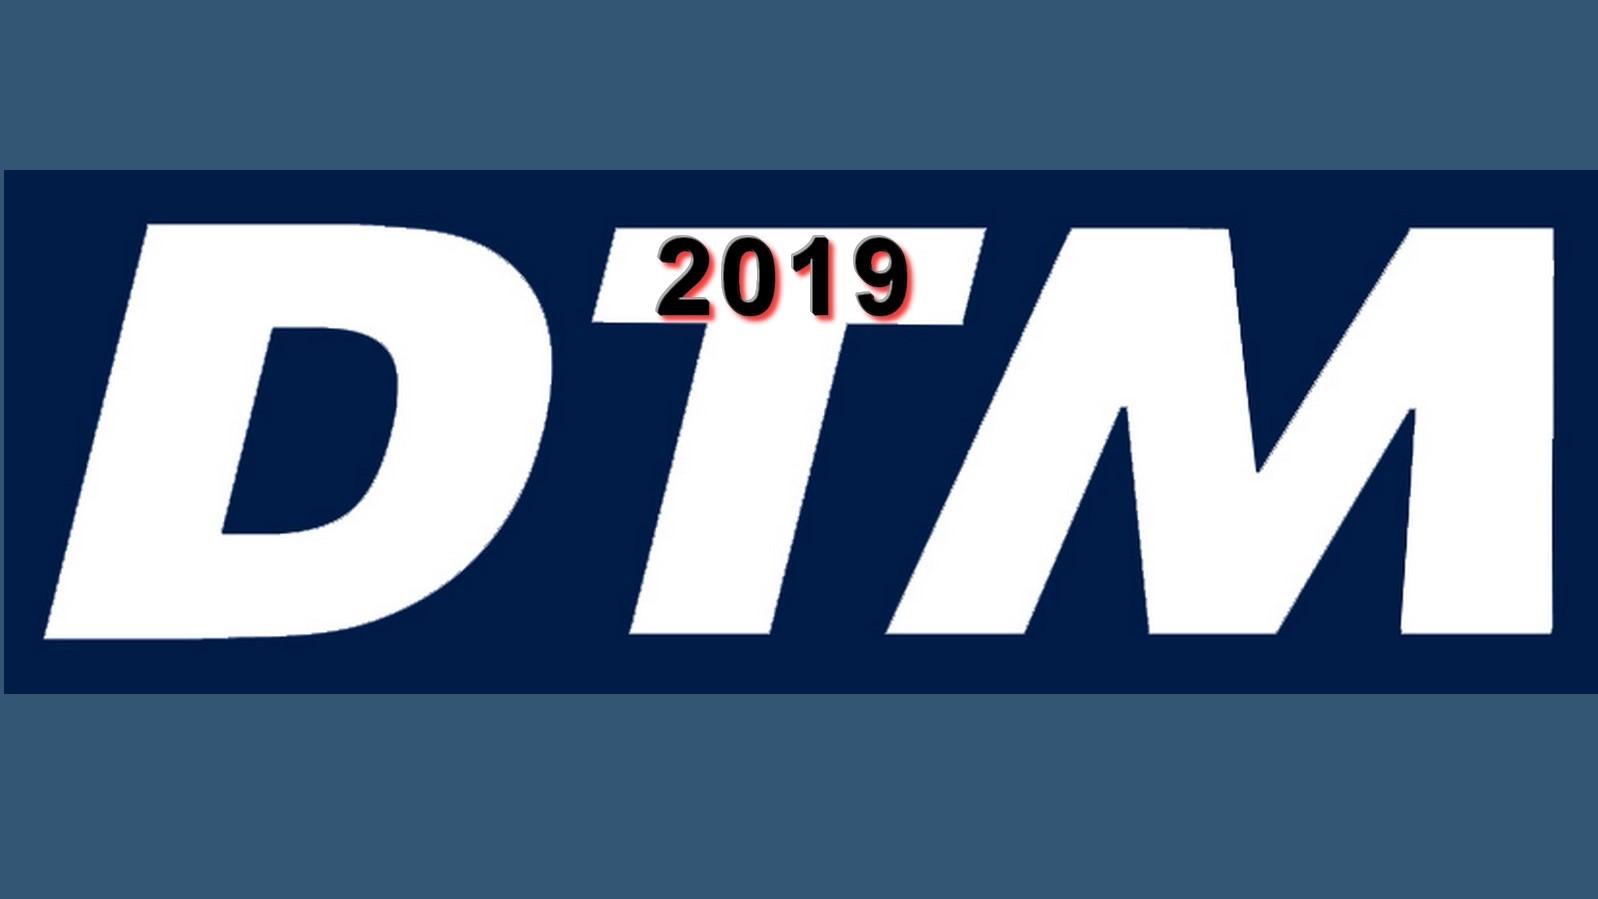 Le DTM 2019 propose un nouvel horaire et un programme de soutien.